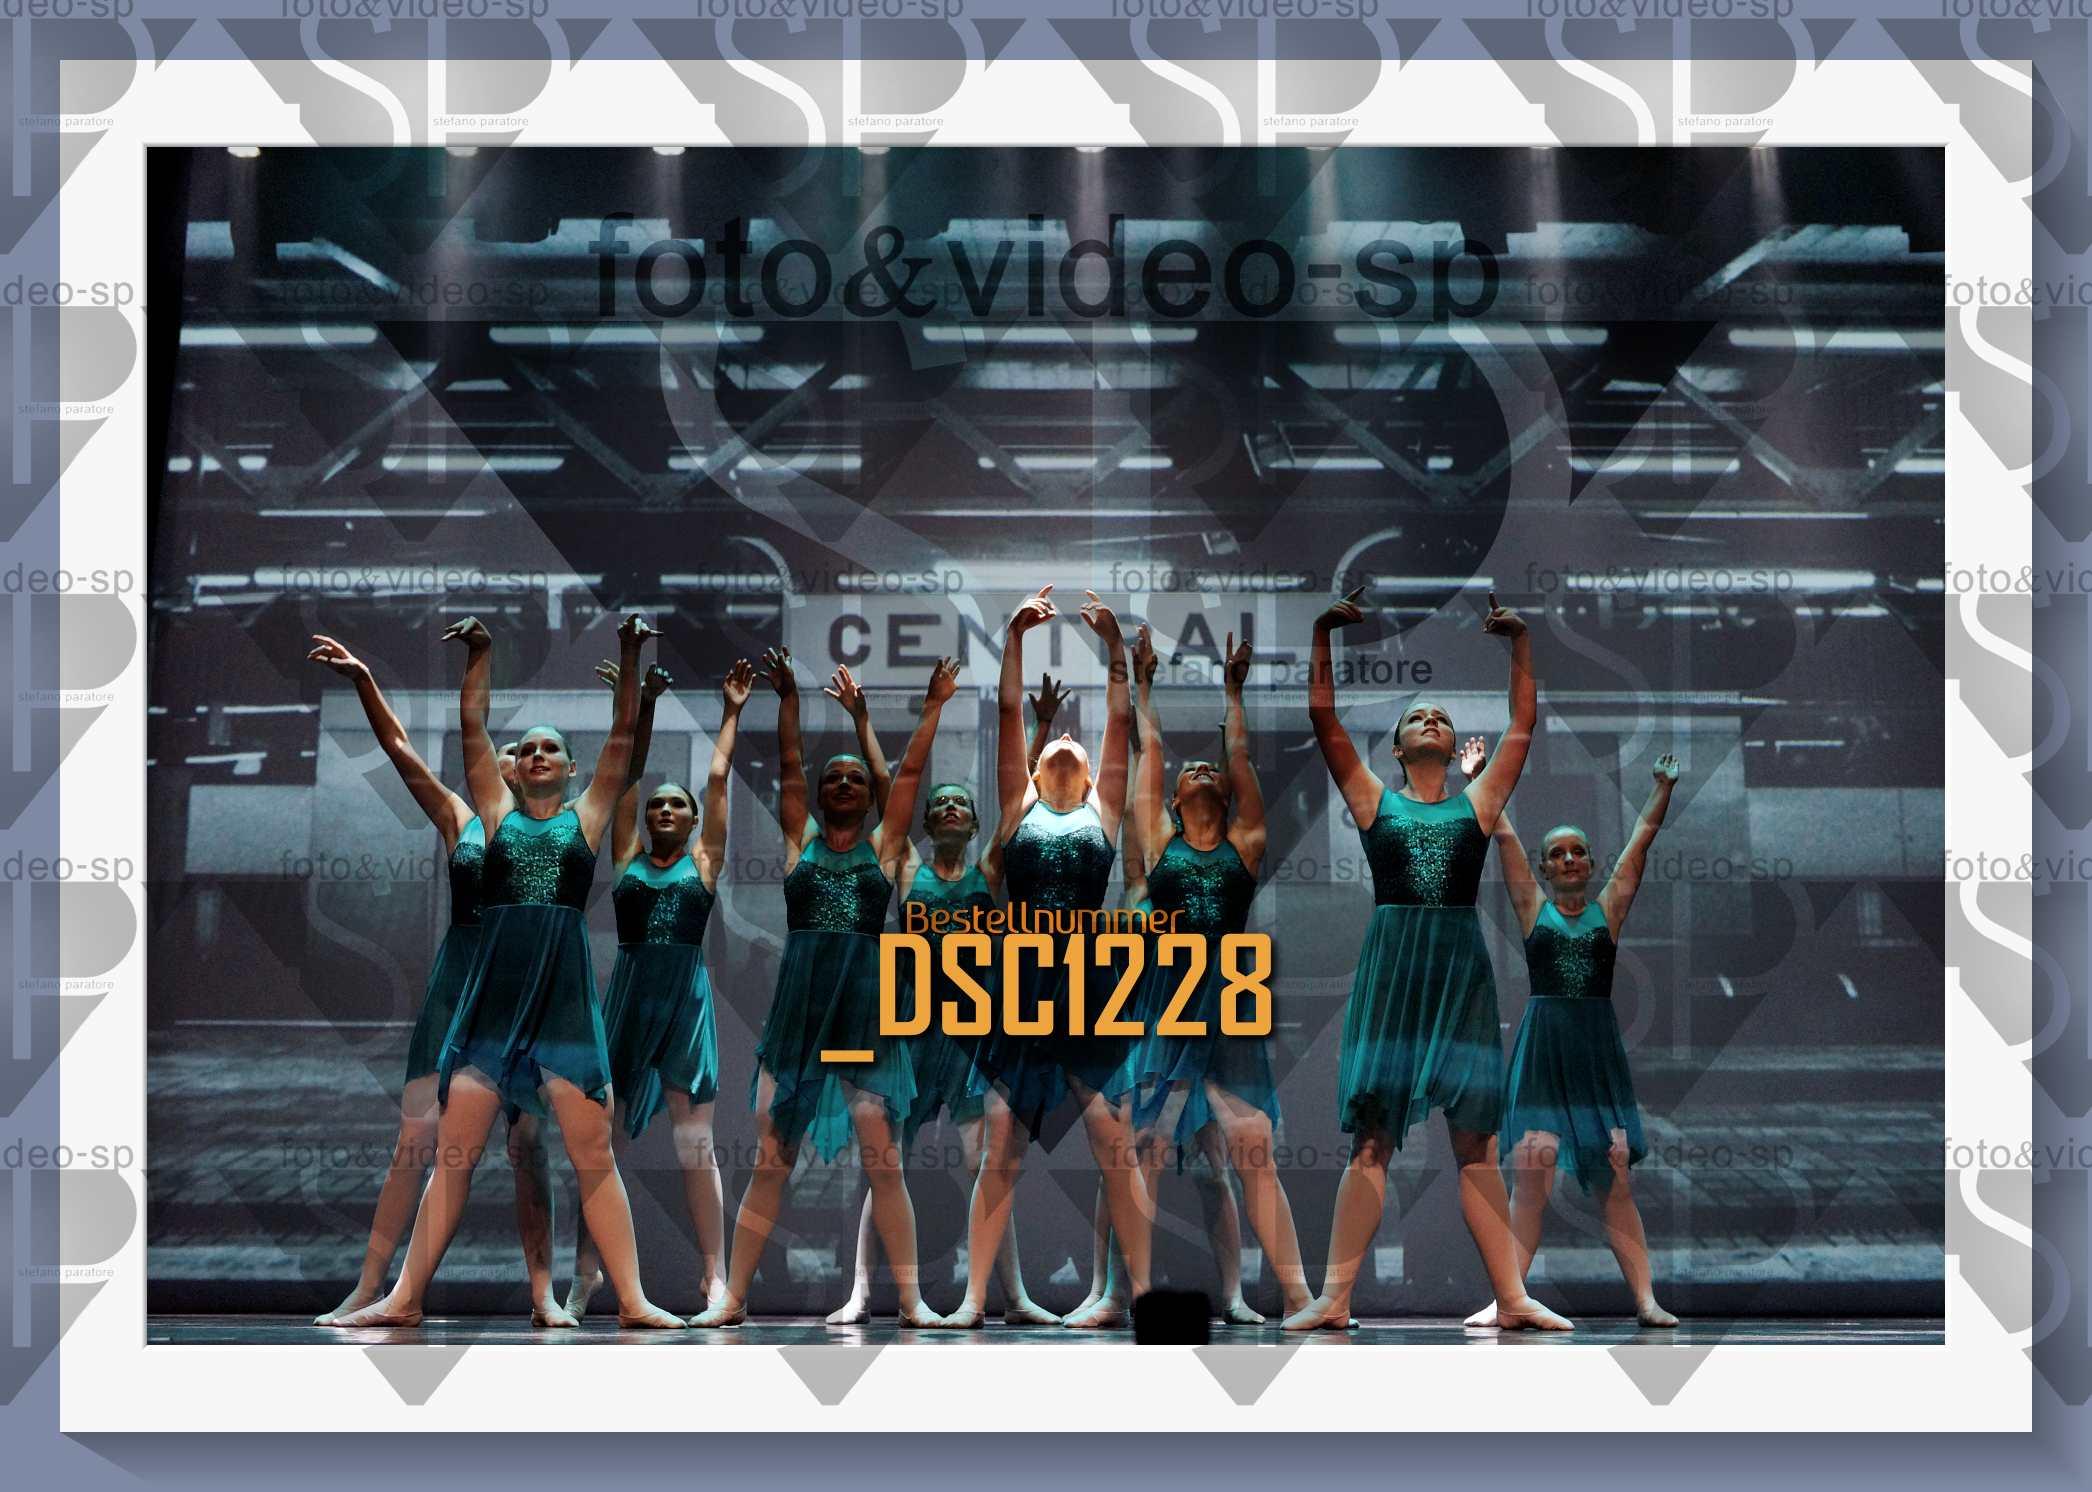 DSC1228